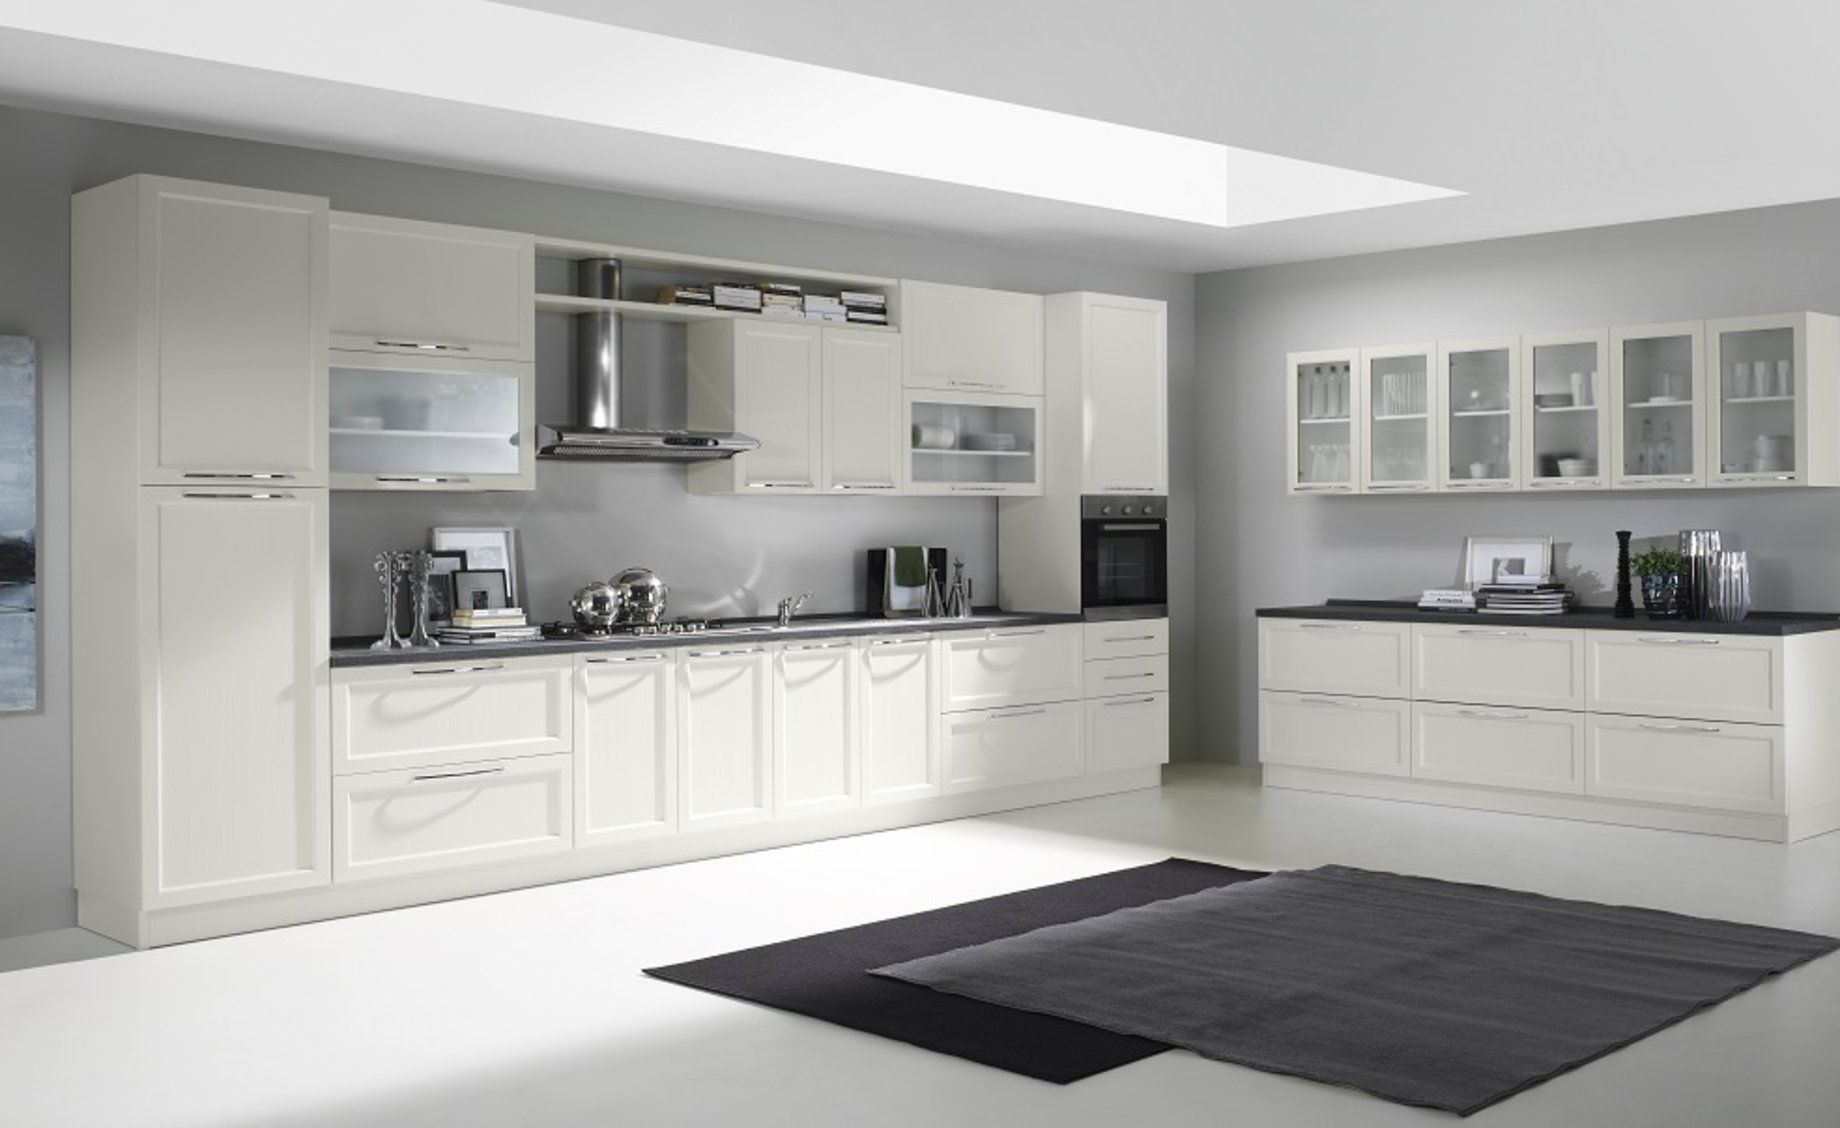 Cucina India Evo – Conforama   White kitchen   Pinterest   Evo and ...